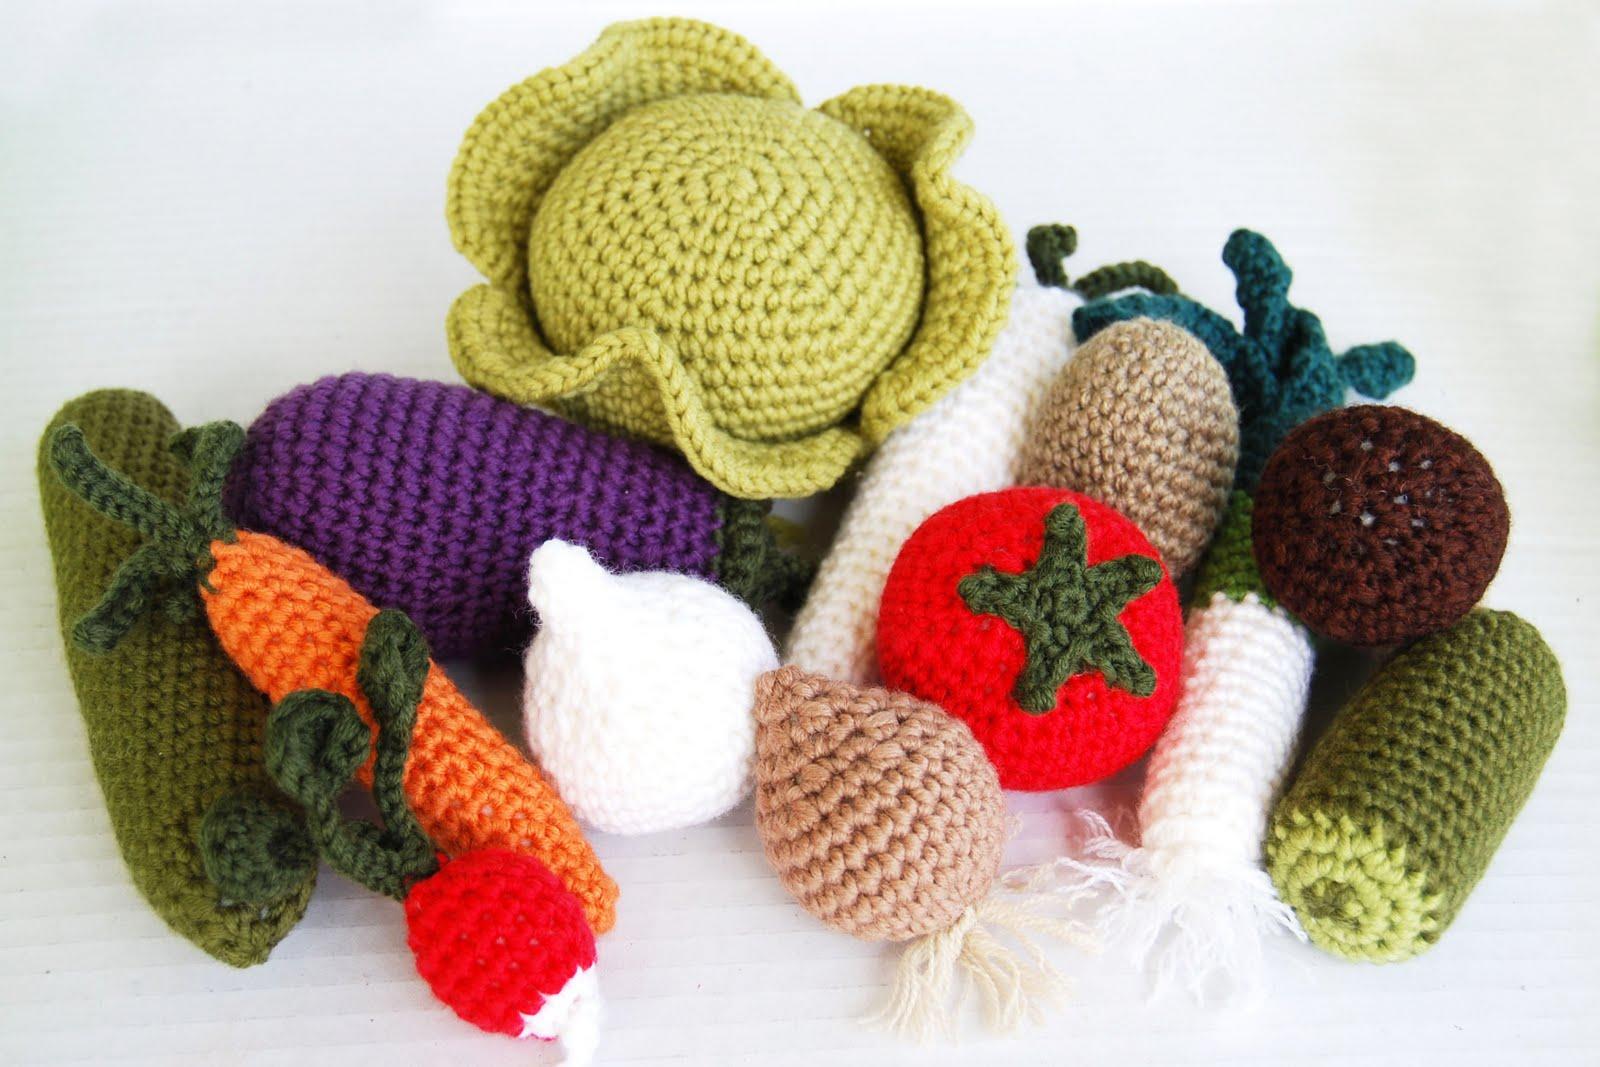 Obst Und Gemüse Häkeln Anleitung Kostenlos My Blog